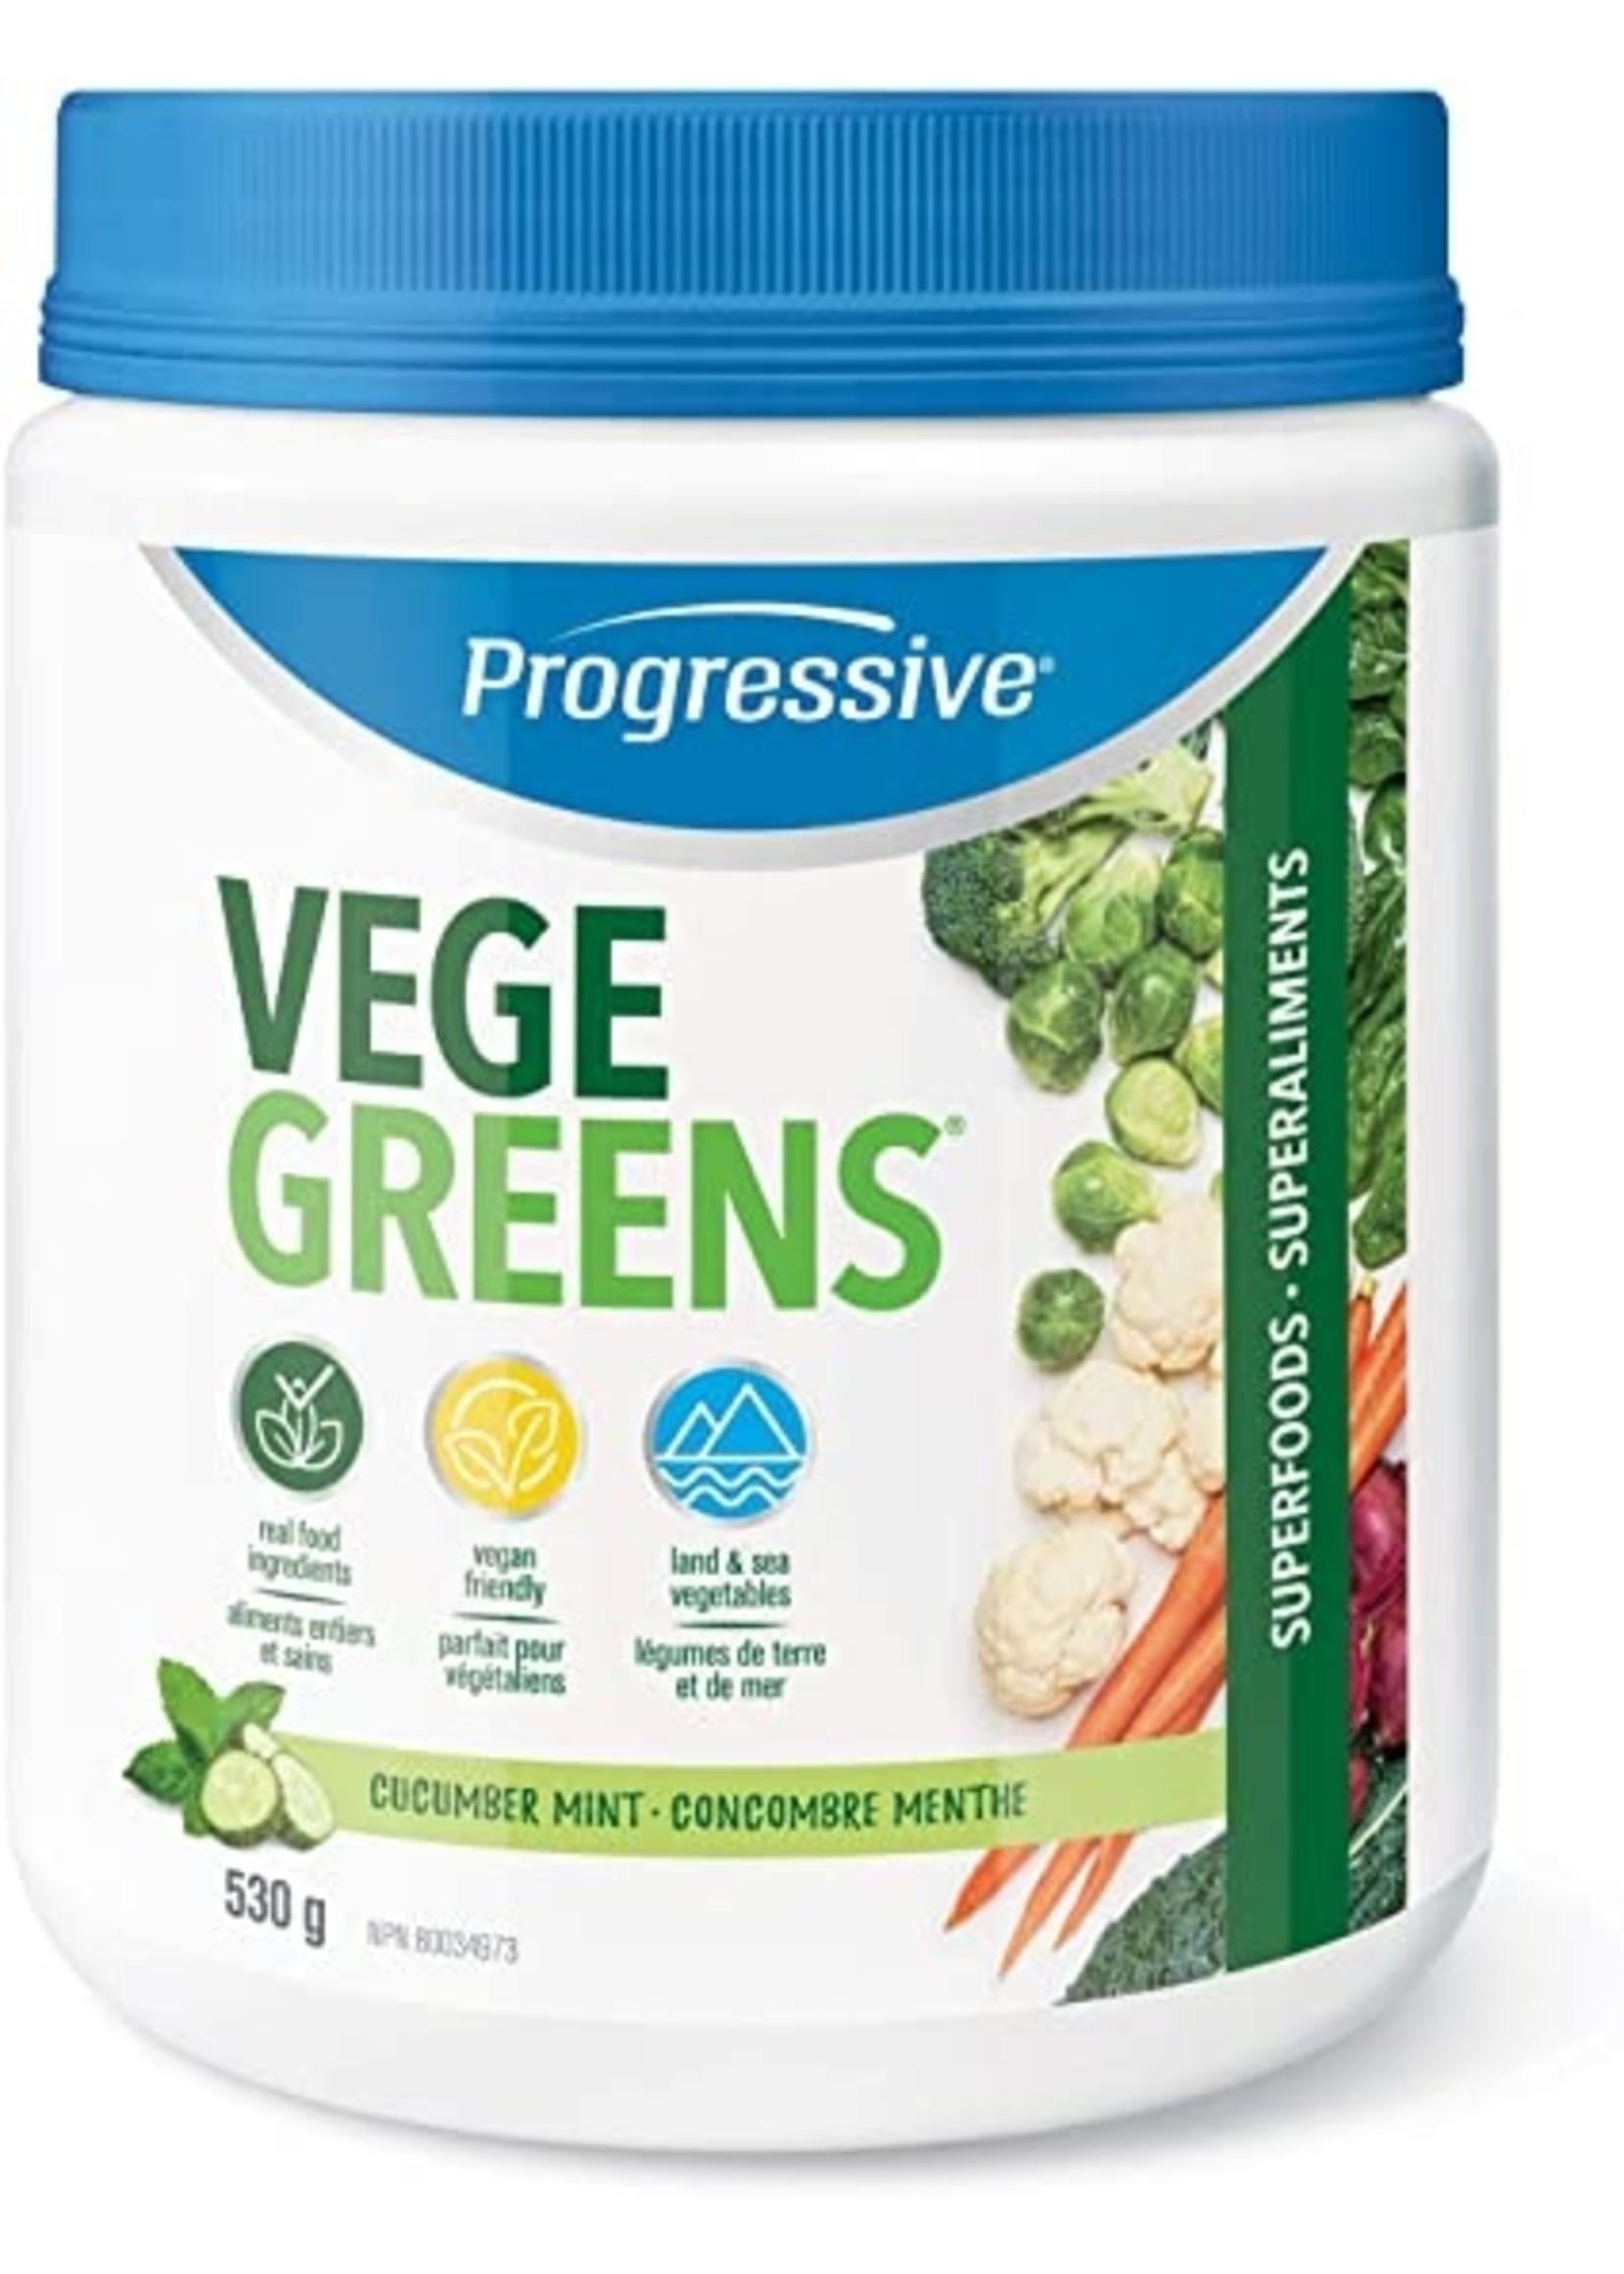 Progressive Progressive VegeGreens